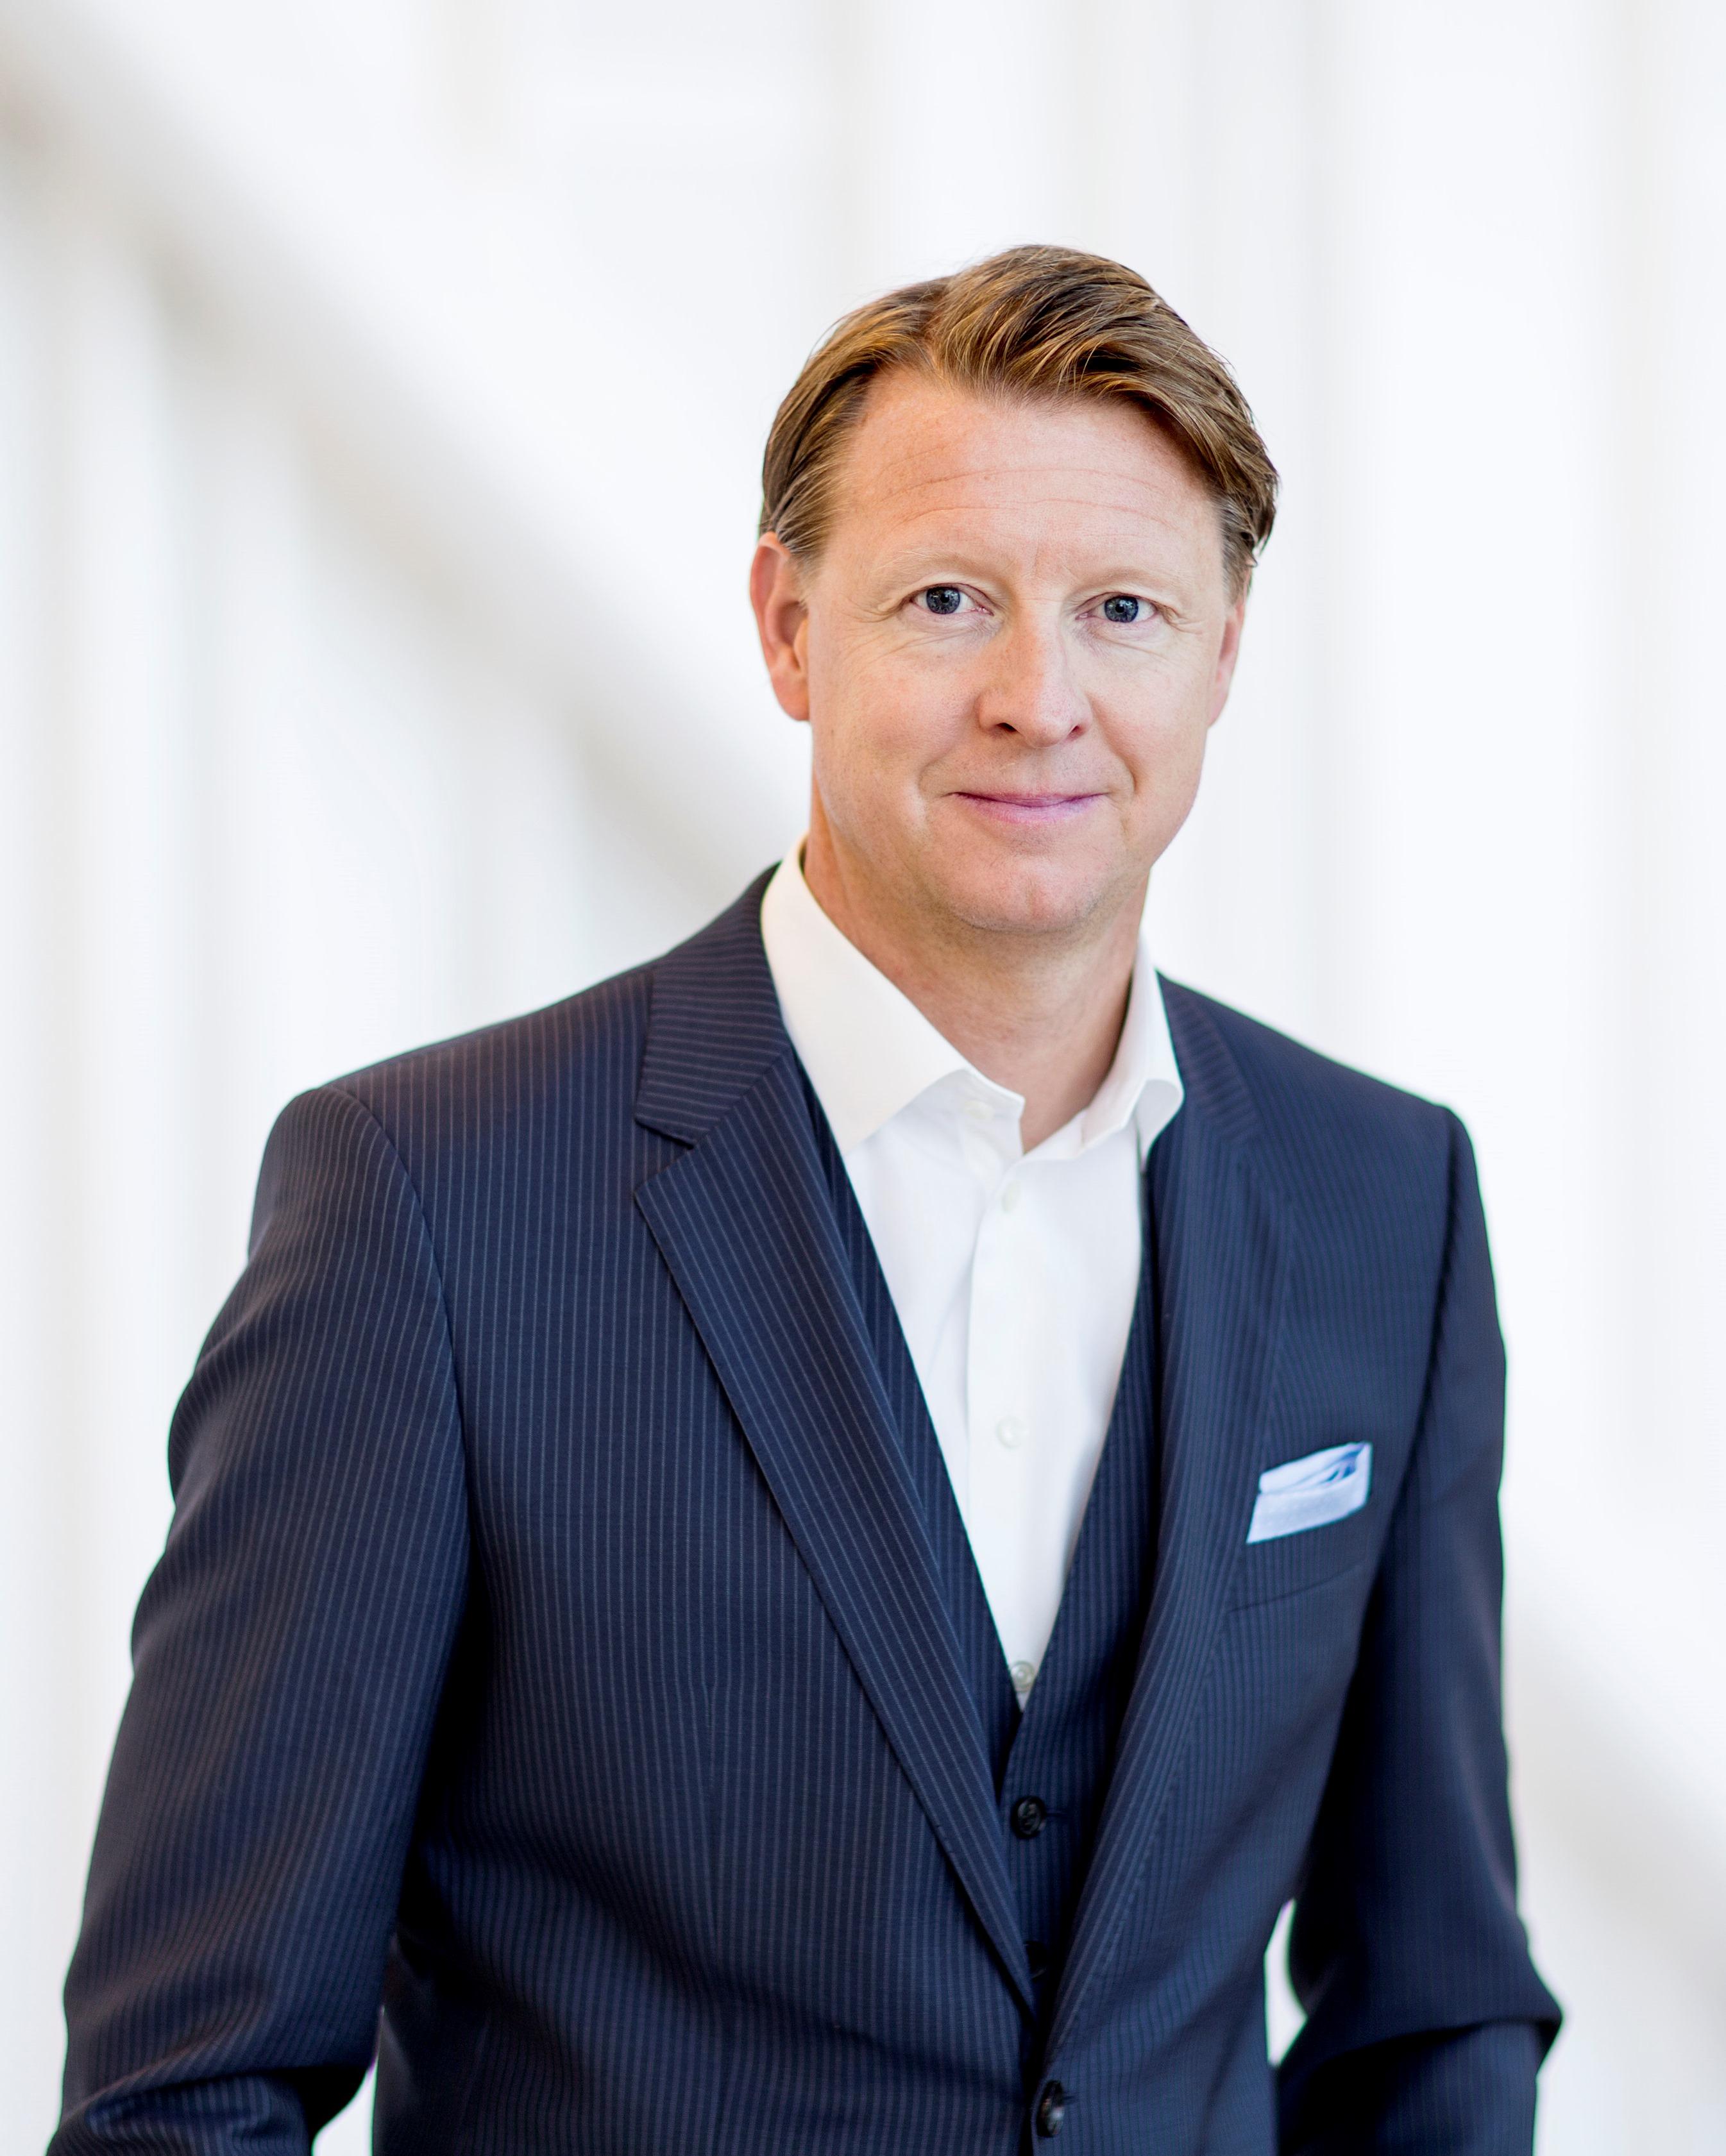 Hans Vestberg, CEO Ericsson